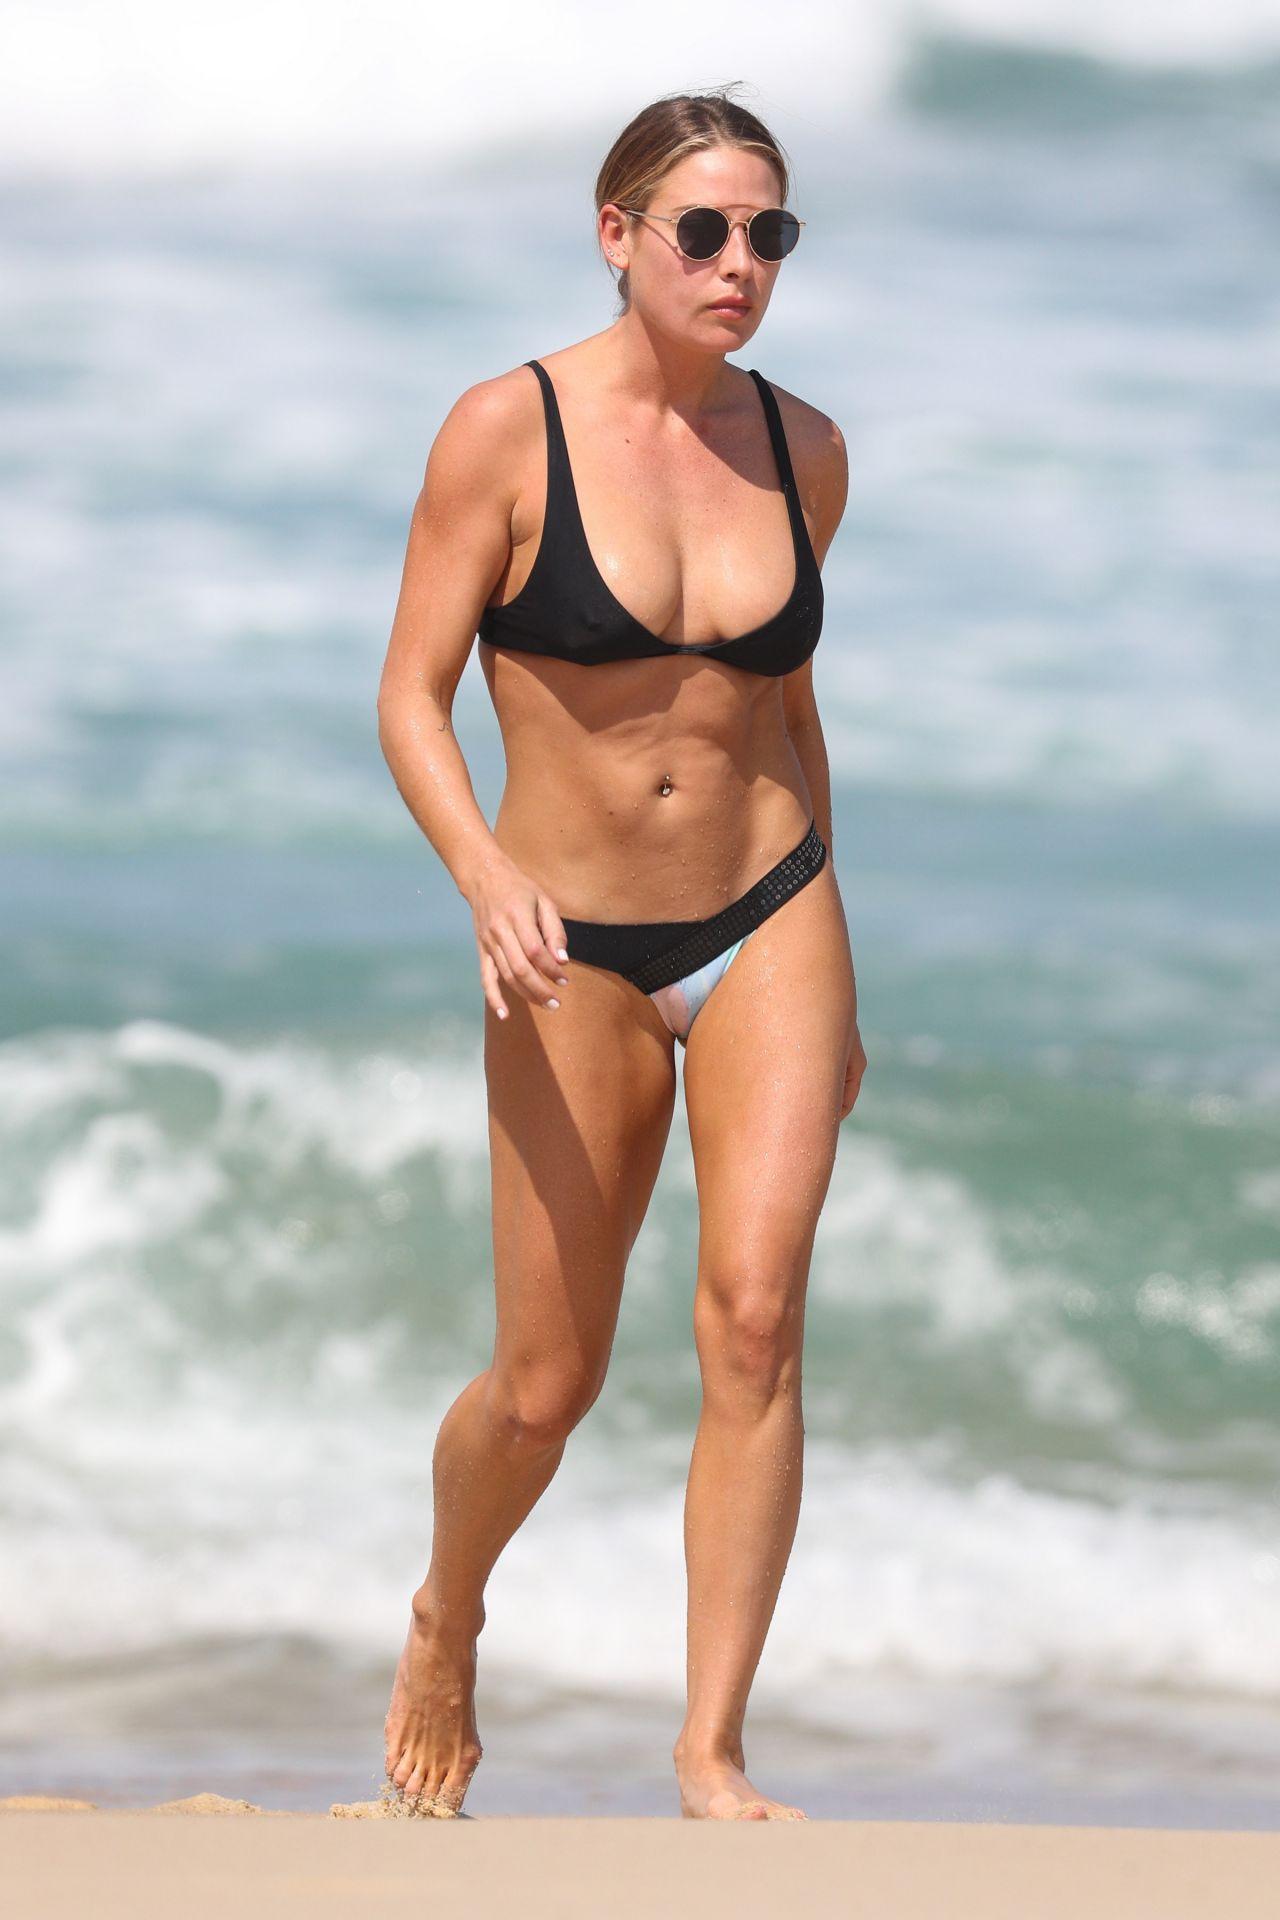 Lisa Clark In Bikini Sydney Beach 09 21 2017